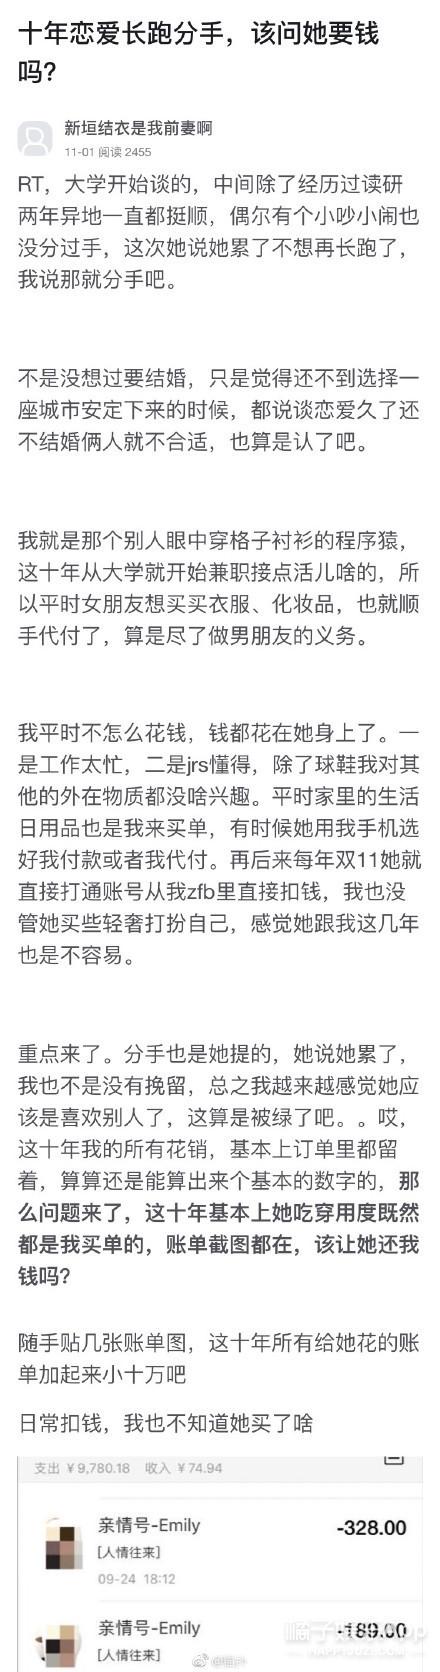 嘉禾公司老板鄒文懷去世 梁洛施被顏如晶說哭